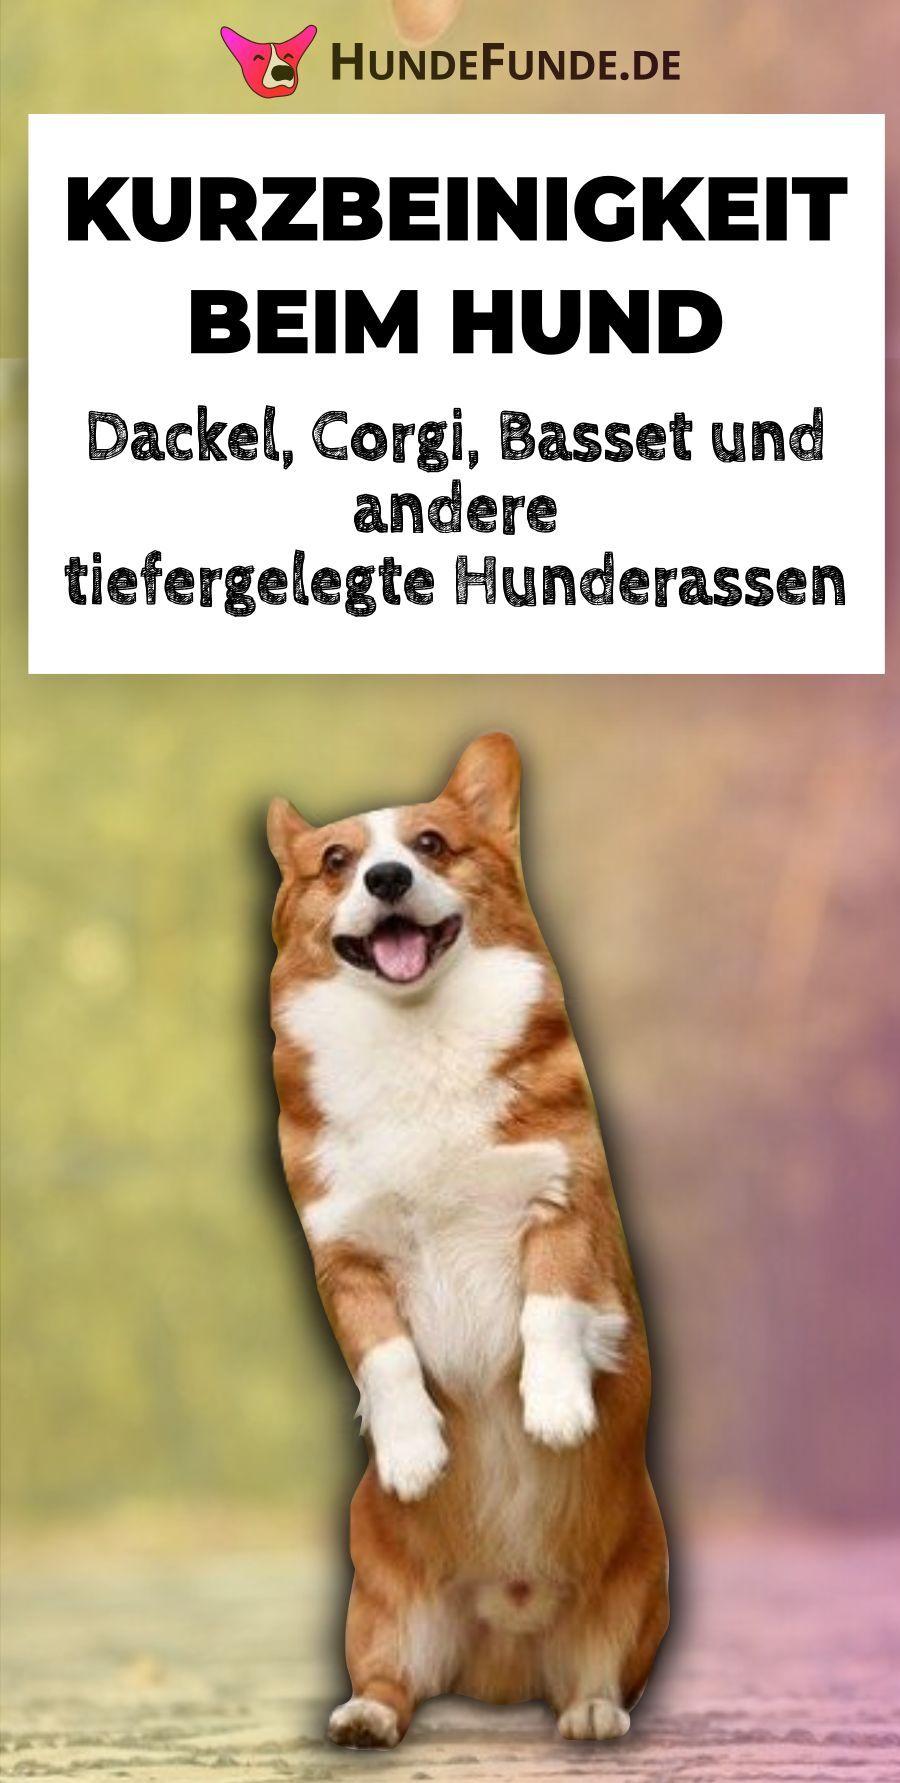 Chondrodysplasie Und Chondrodystrophie Dackelbeine Gehwarzen Und Kurzbeinigkeit Hunde Dackel Hunderassen